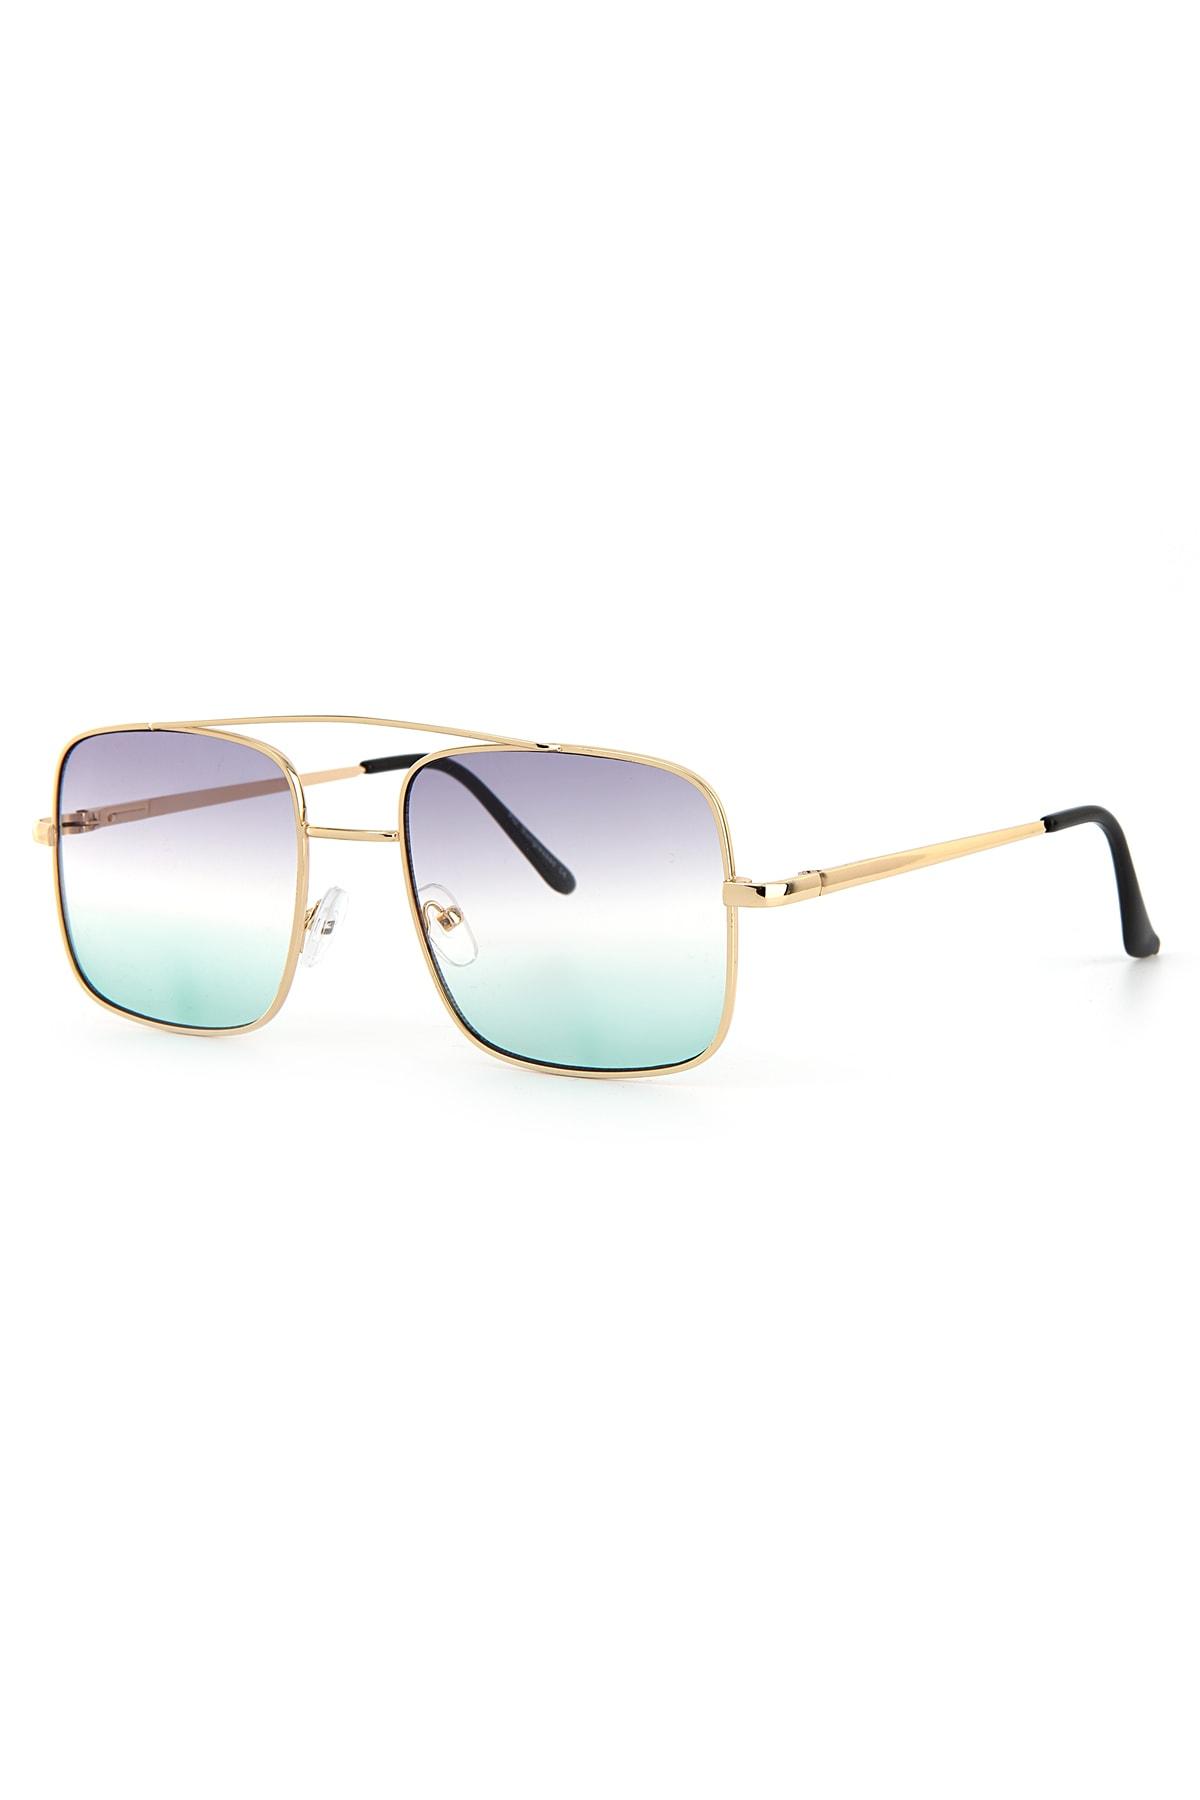 عینک آفتابی زنانه ارزان مارک Aqua Di Polo 1987 رنگ سبز کد ty91554973